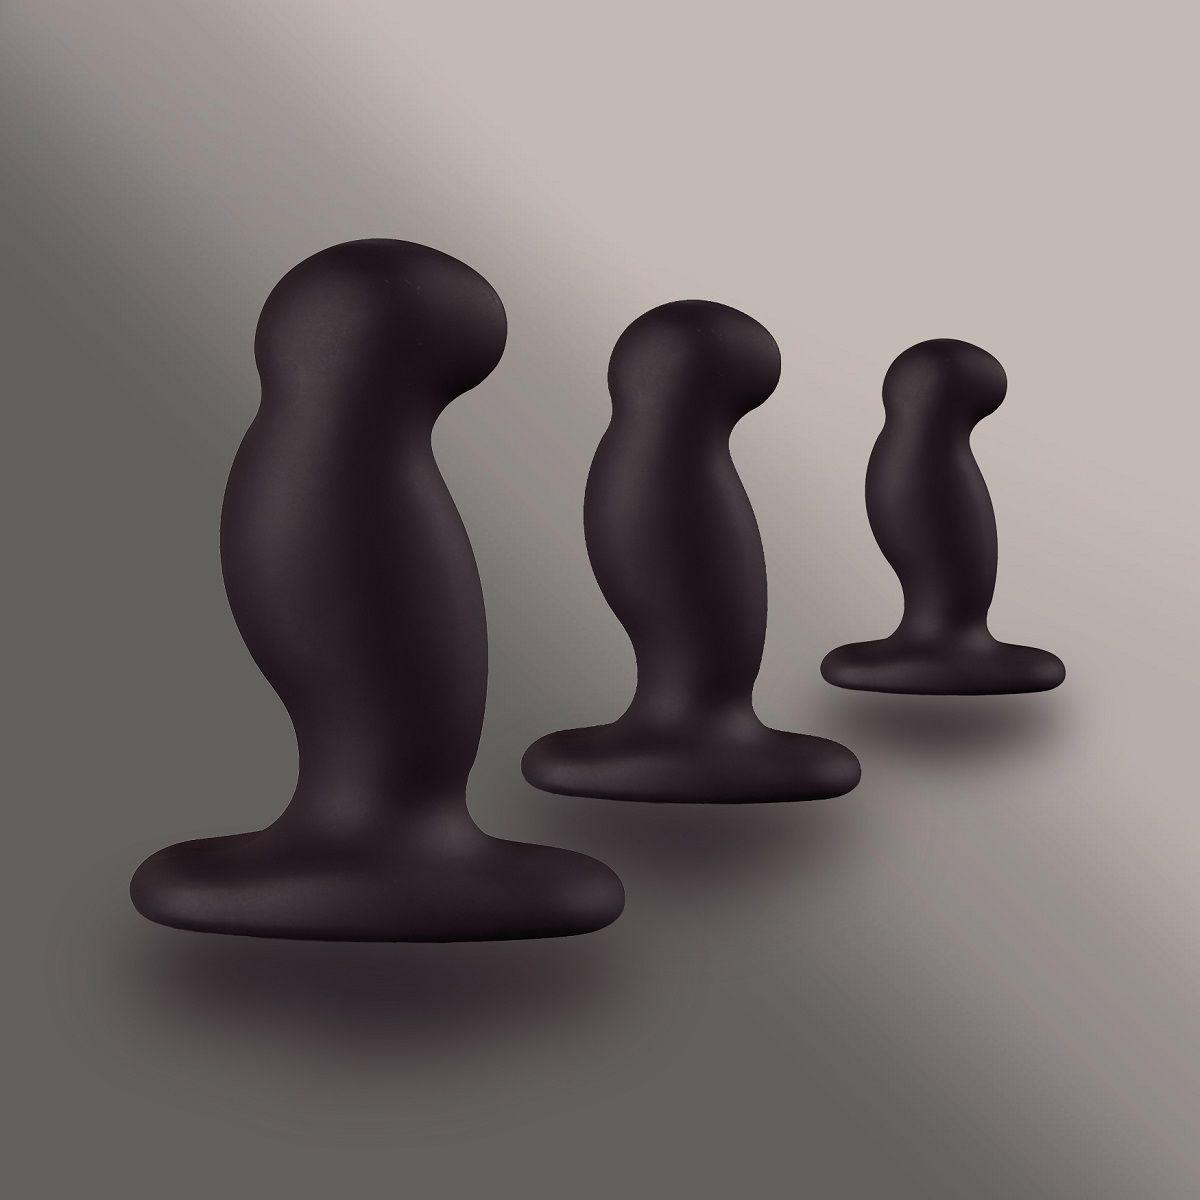 Набор из 3 массажеров простаты чёрного цвета NEXUS ANAL STARTER KIT